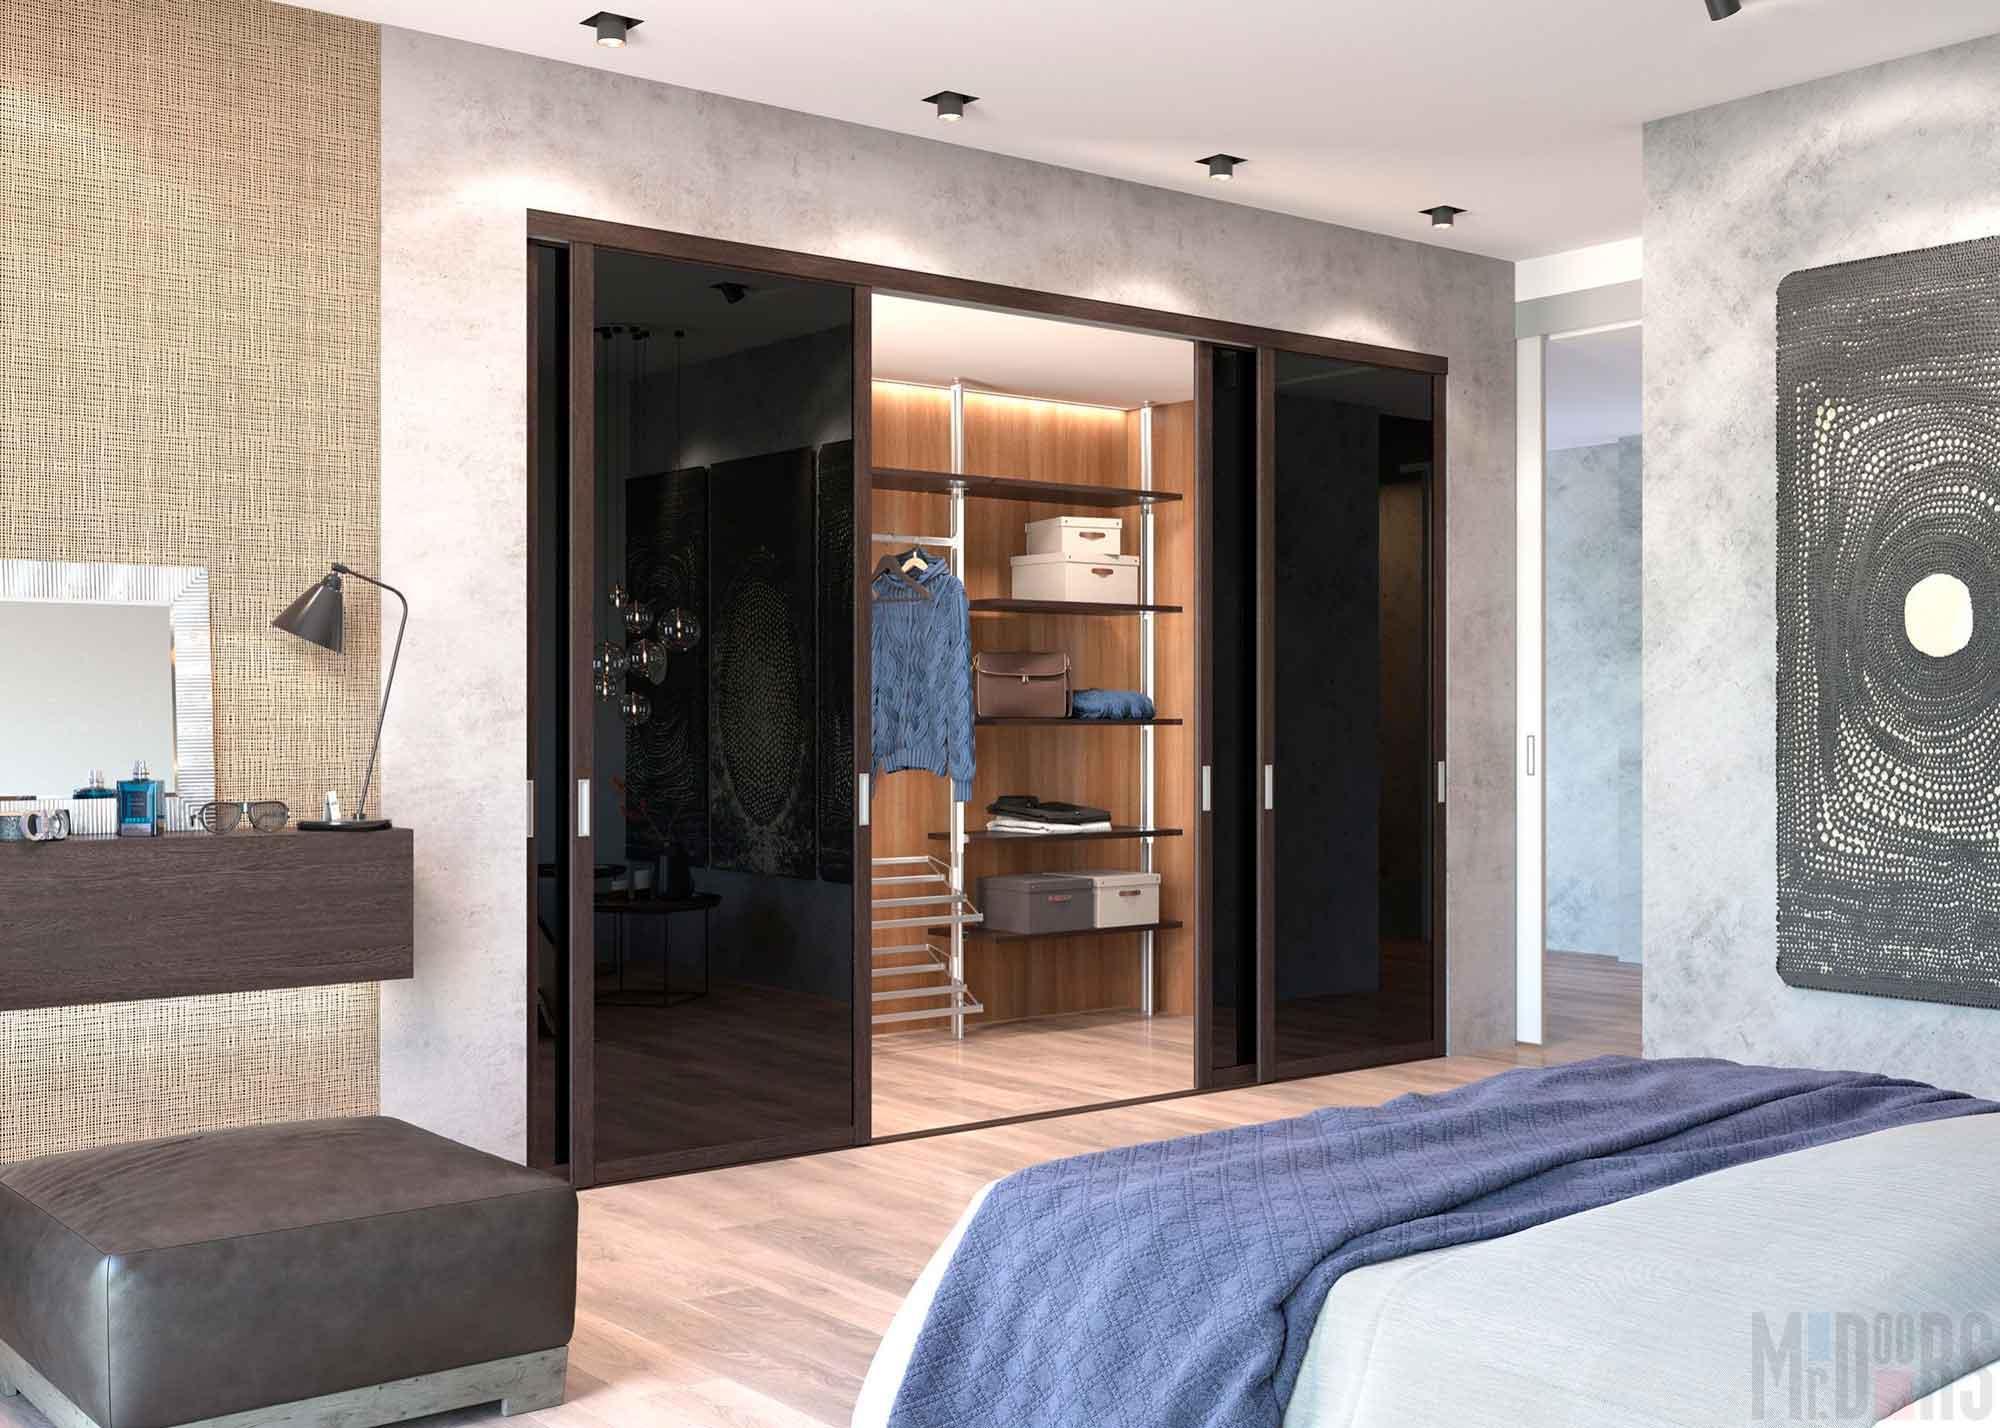 Built-in wardrobe in the bedroom